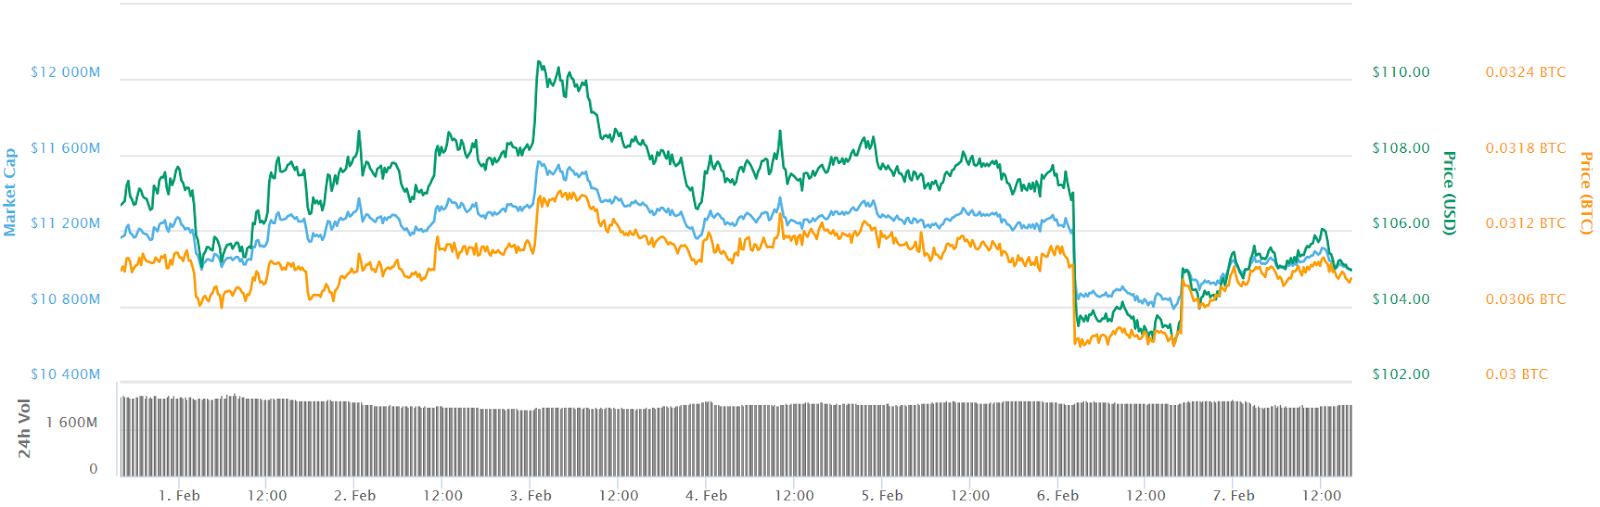 Biểu đồ giá 7 ngày của Ethereum